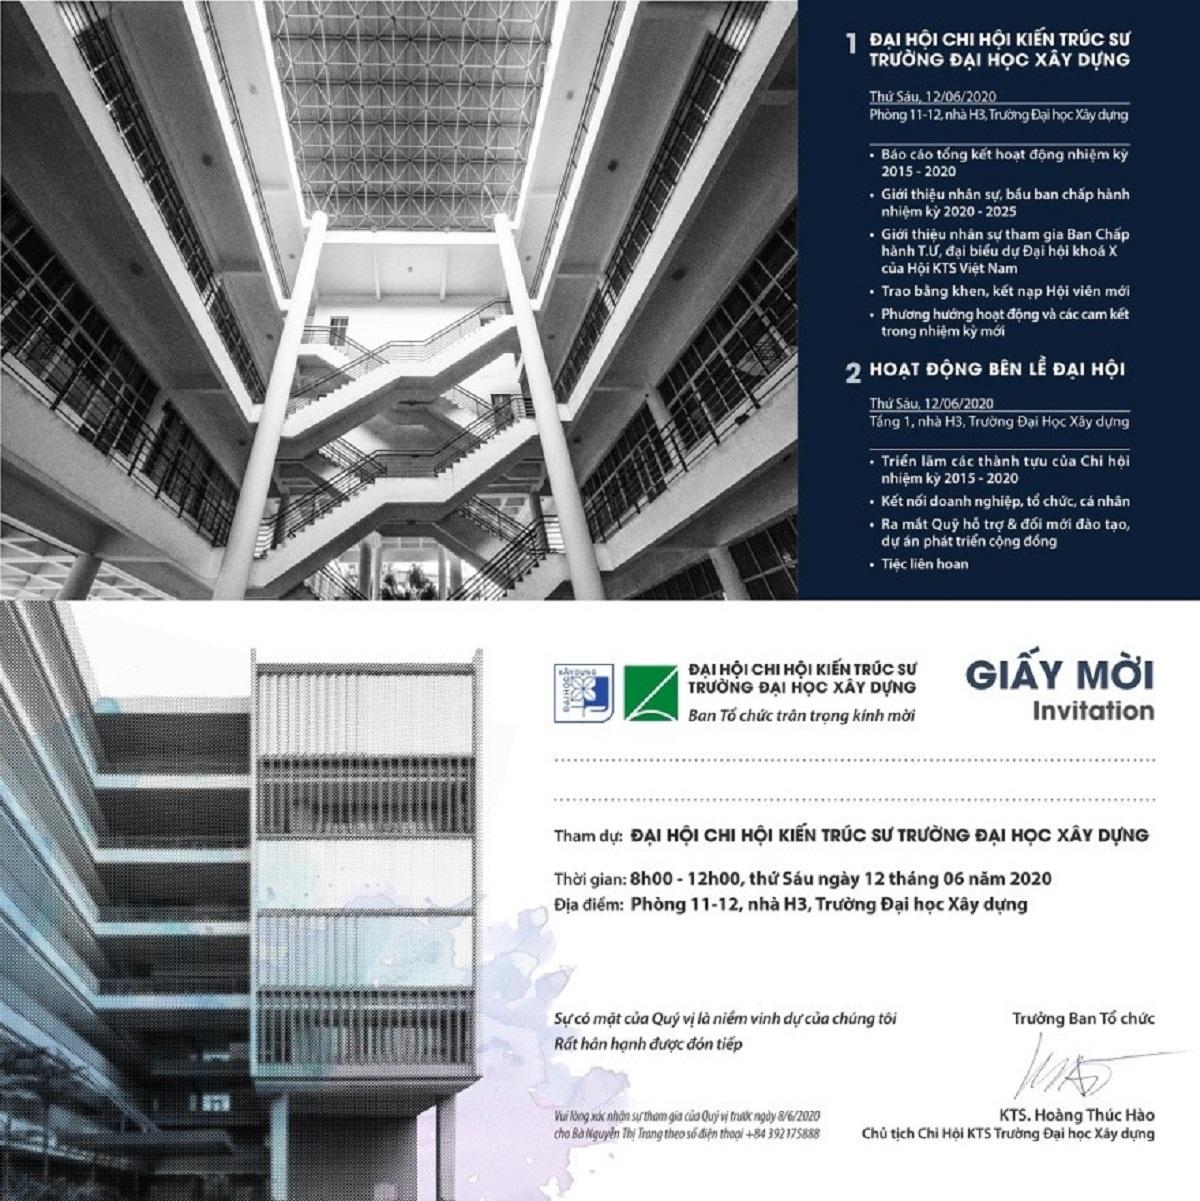 Chi hội Kiến trúc sư Đại học Xây dựng tổ chức Đại hội nhiệm kỳ 2020 - 2025